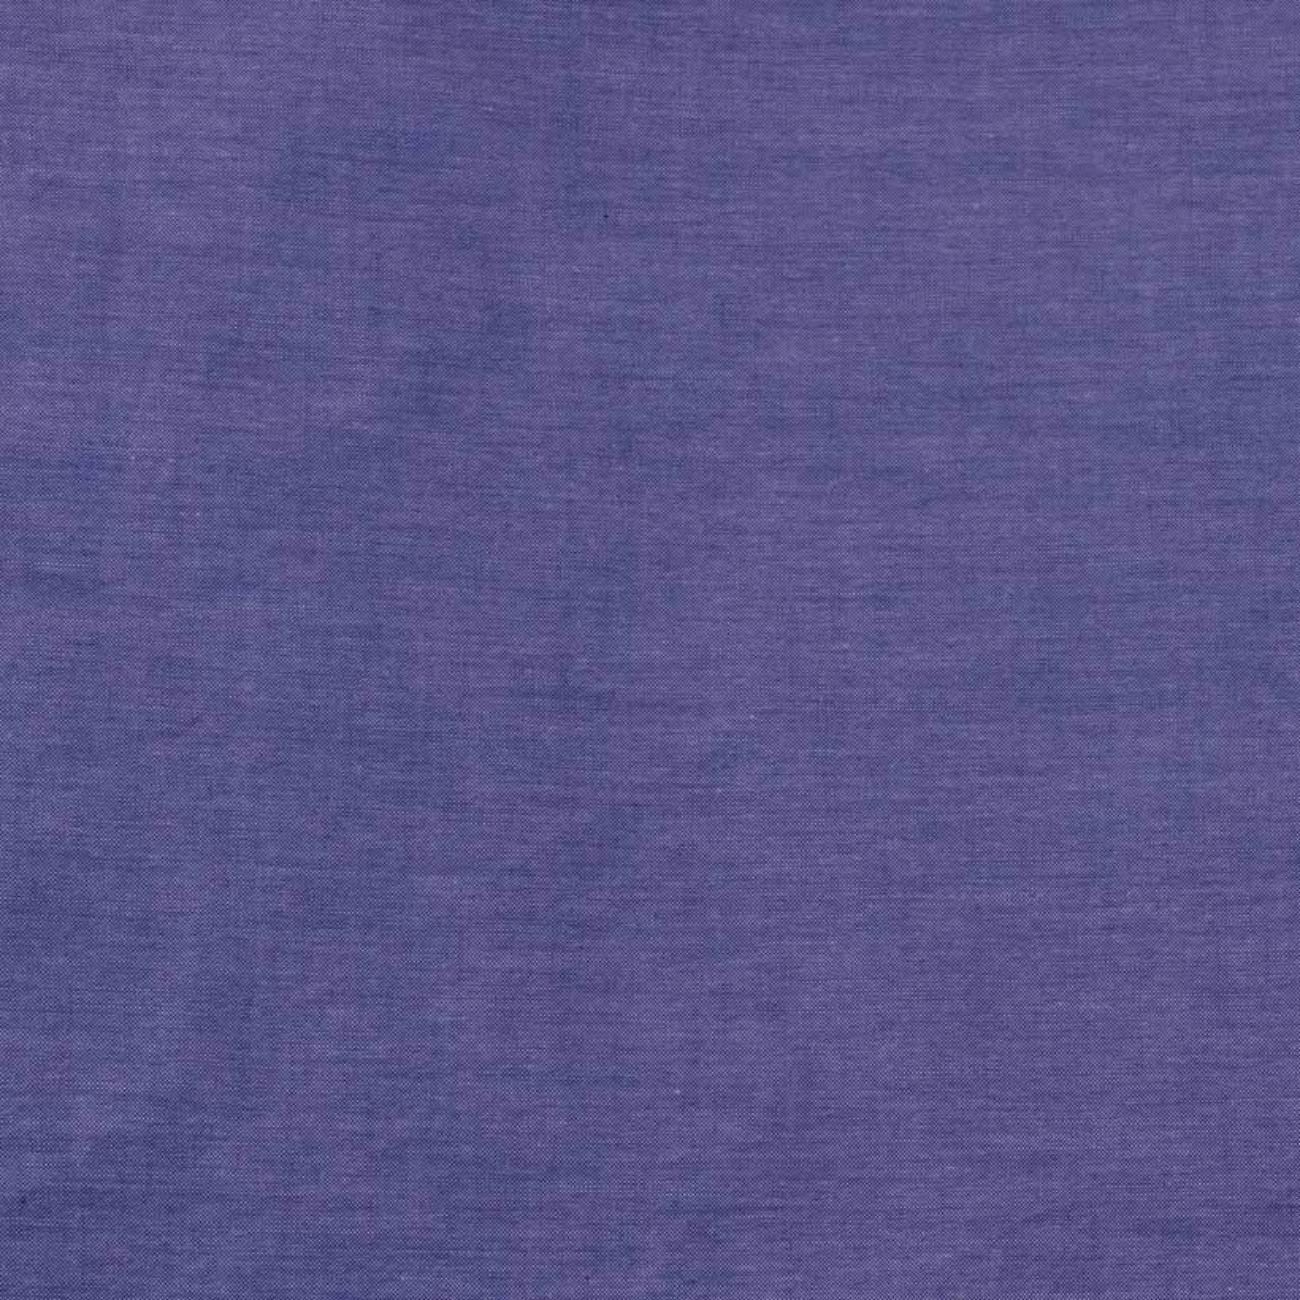 现货素色梭织色织低弹休闲时尚风格 衬衫 连衣裙 短裙 棉感 60929-9